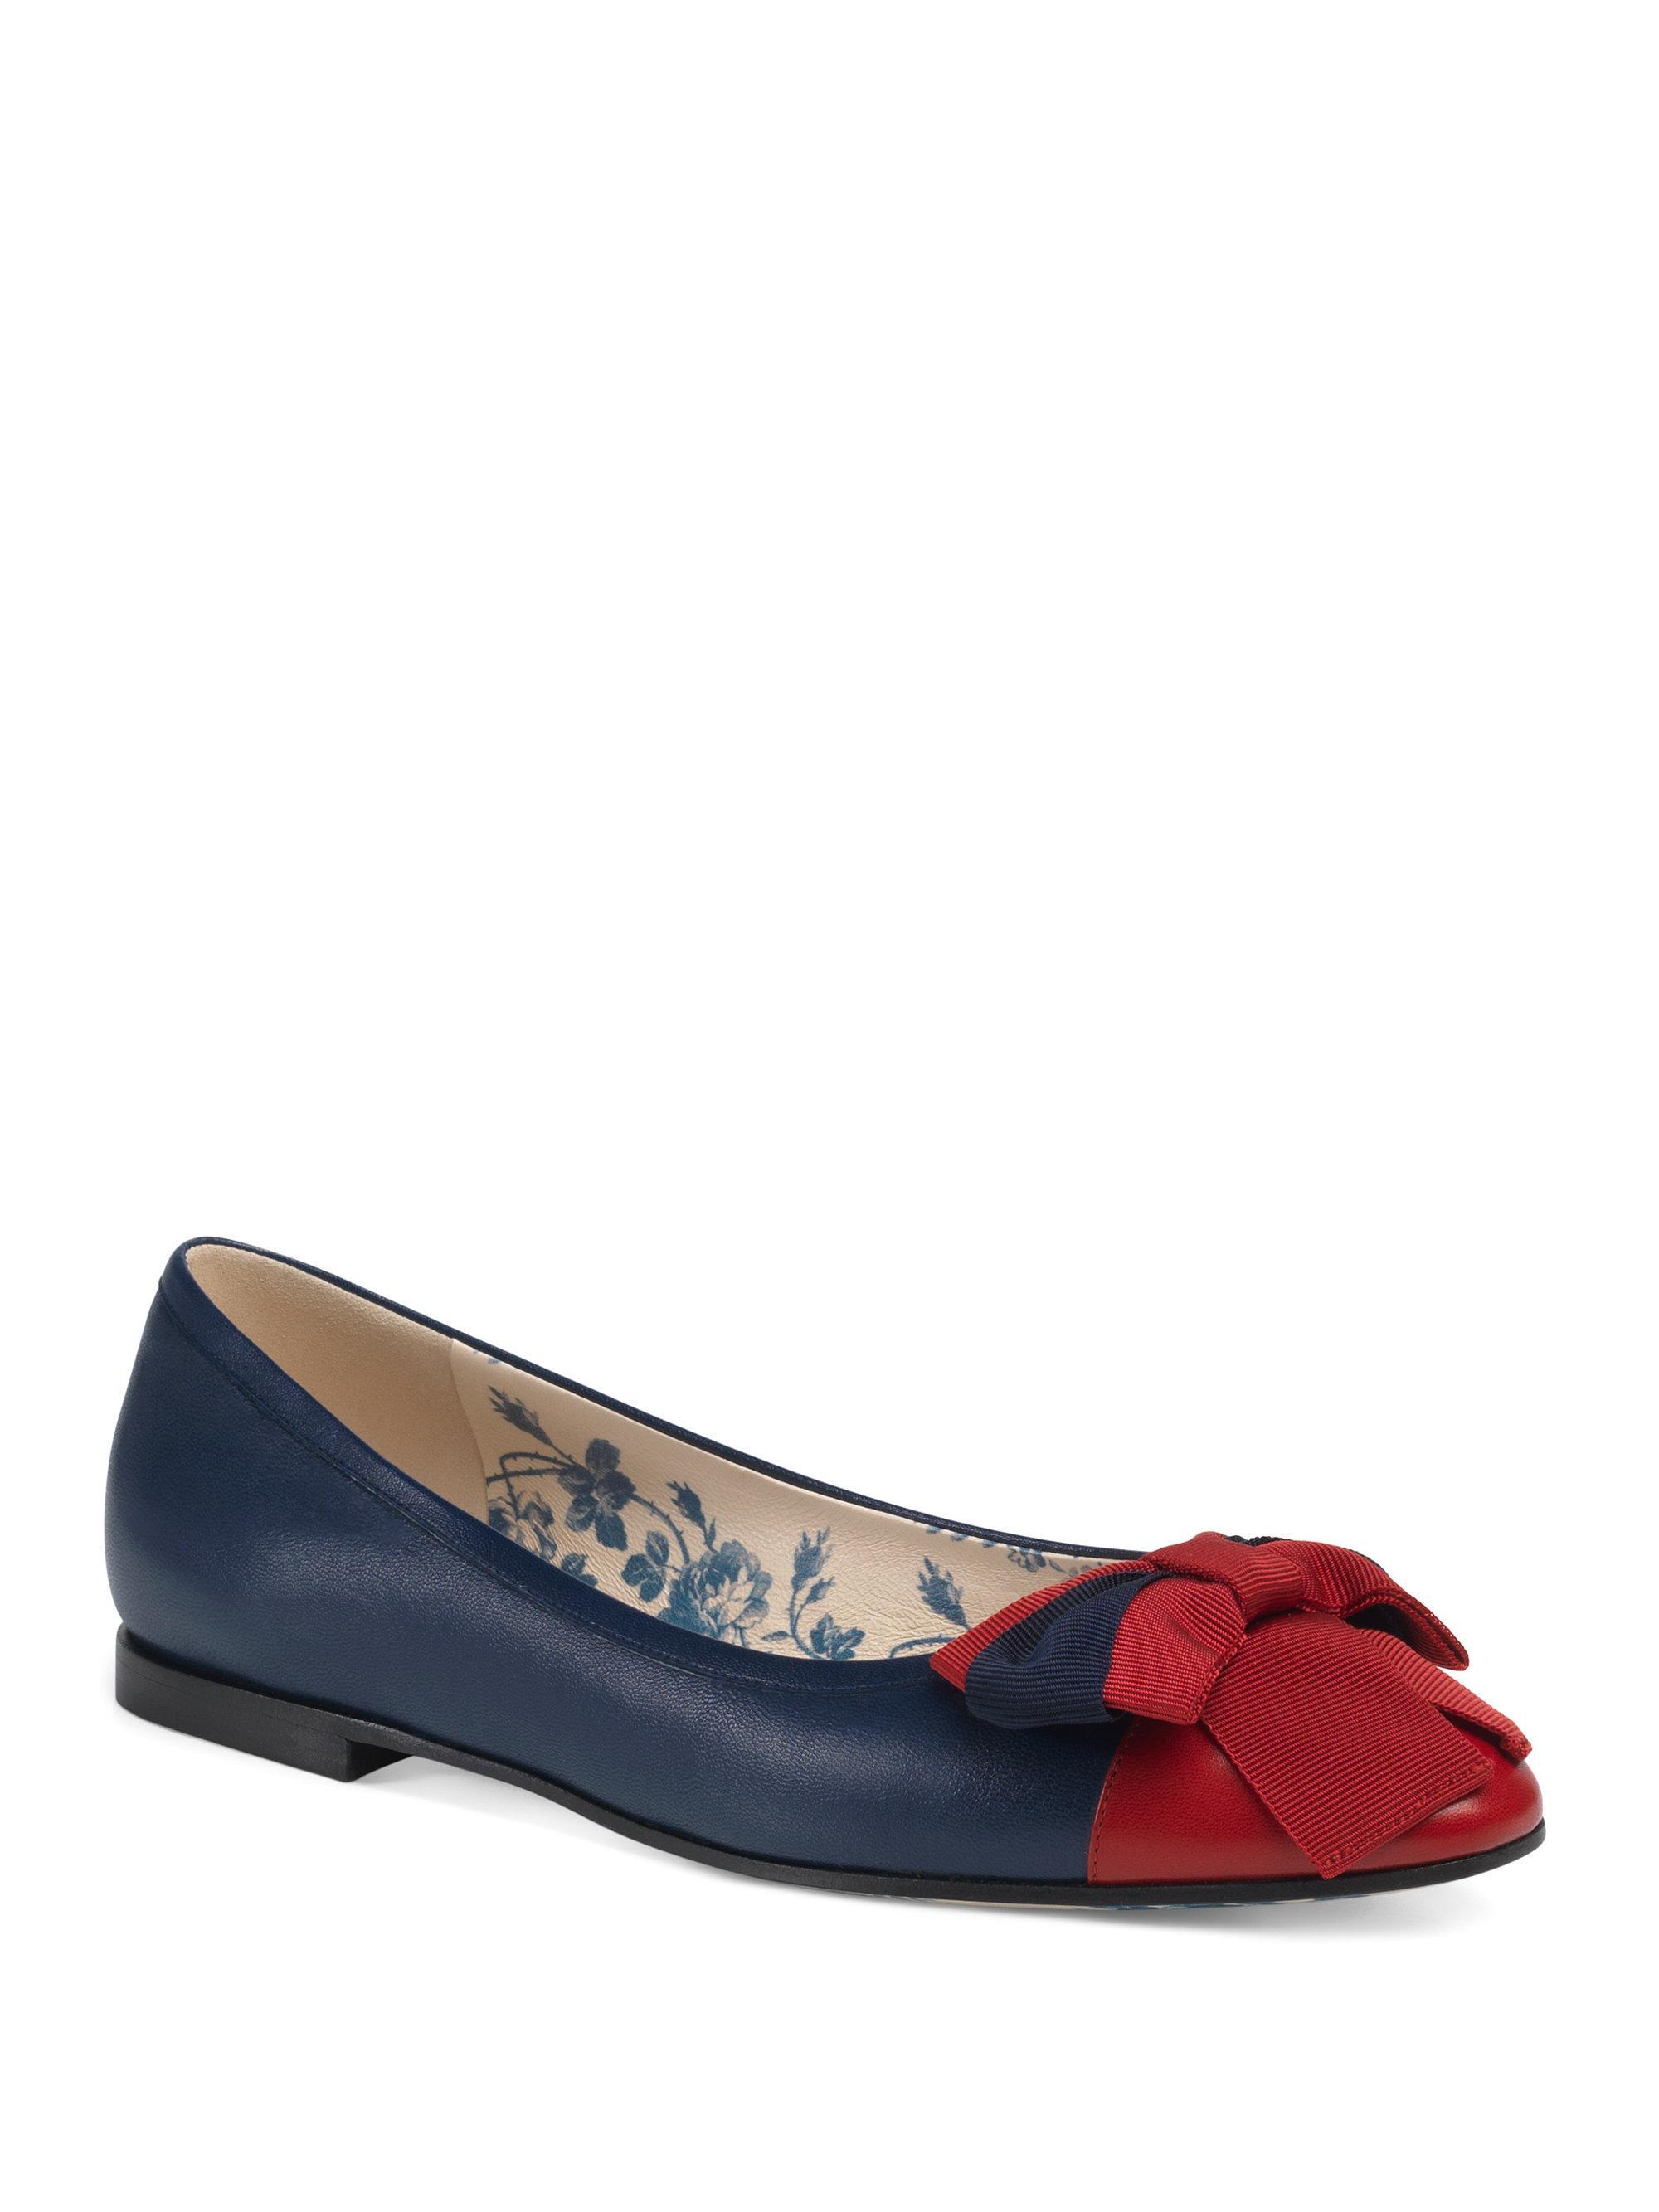 55nB4L6Ei6 Ballet pumps calfskin smooth leather Rivets rose SBvVWsPyF